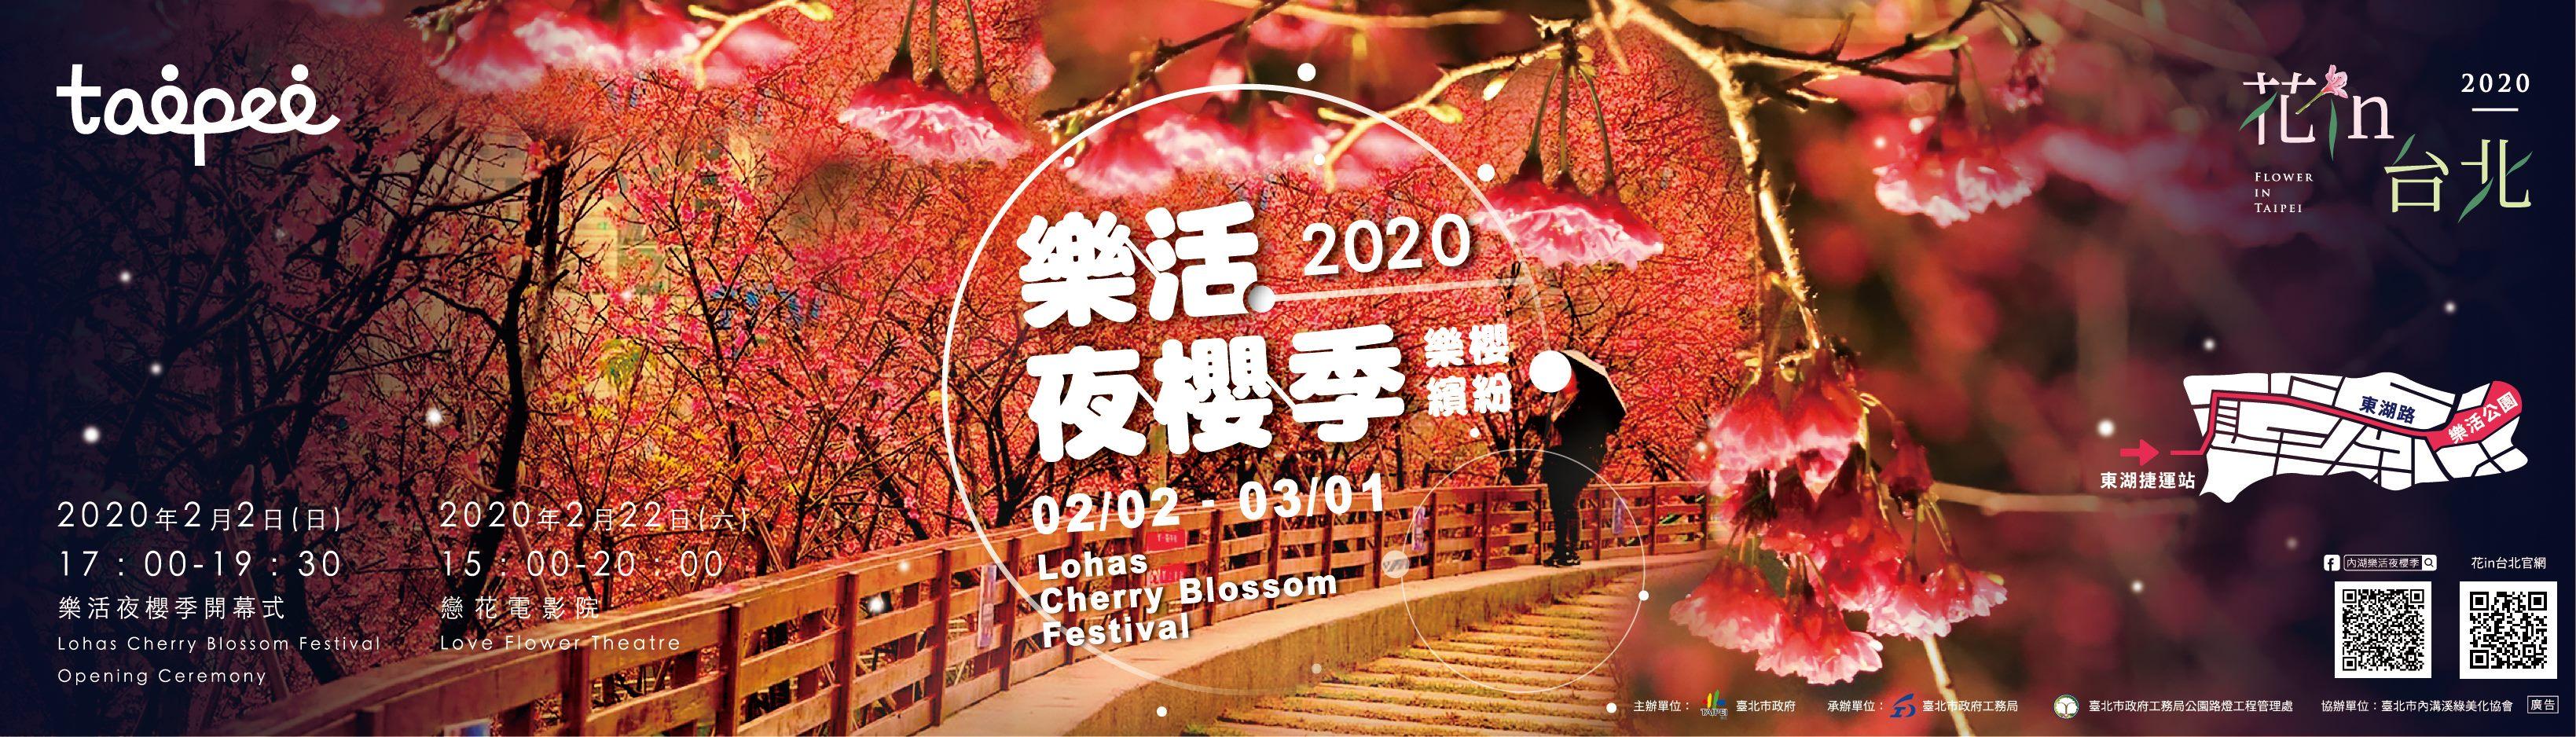 2020樂活夜櫻季